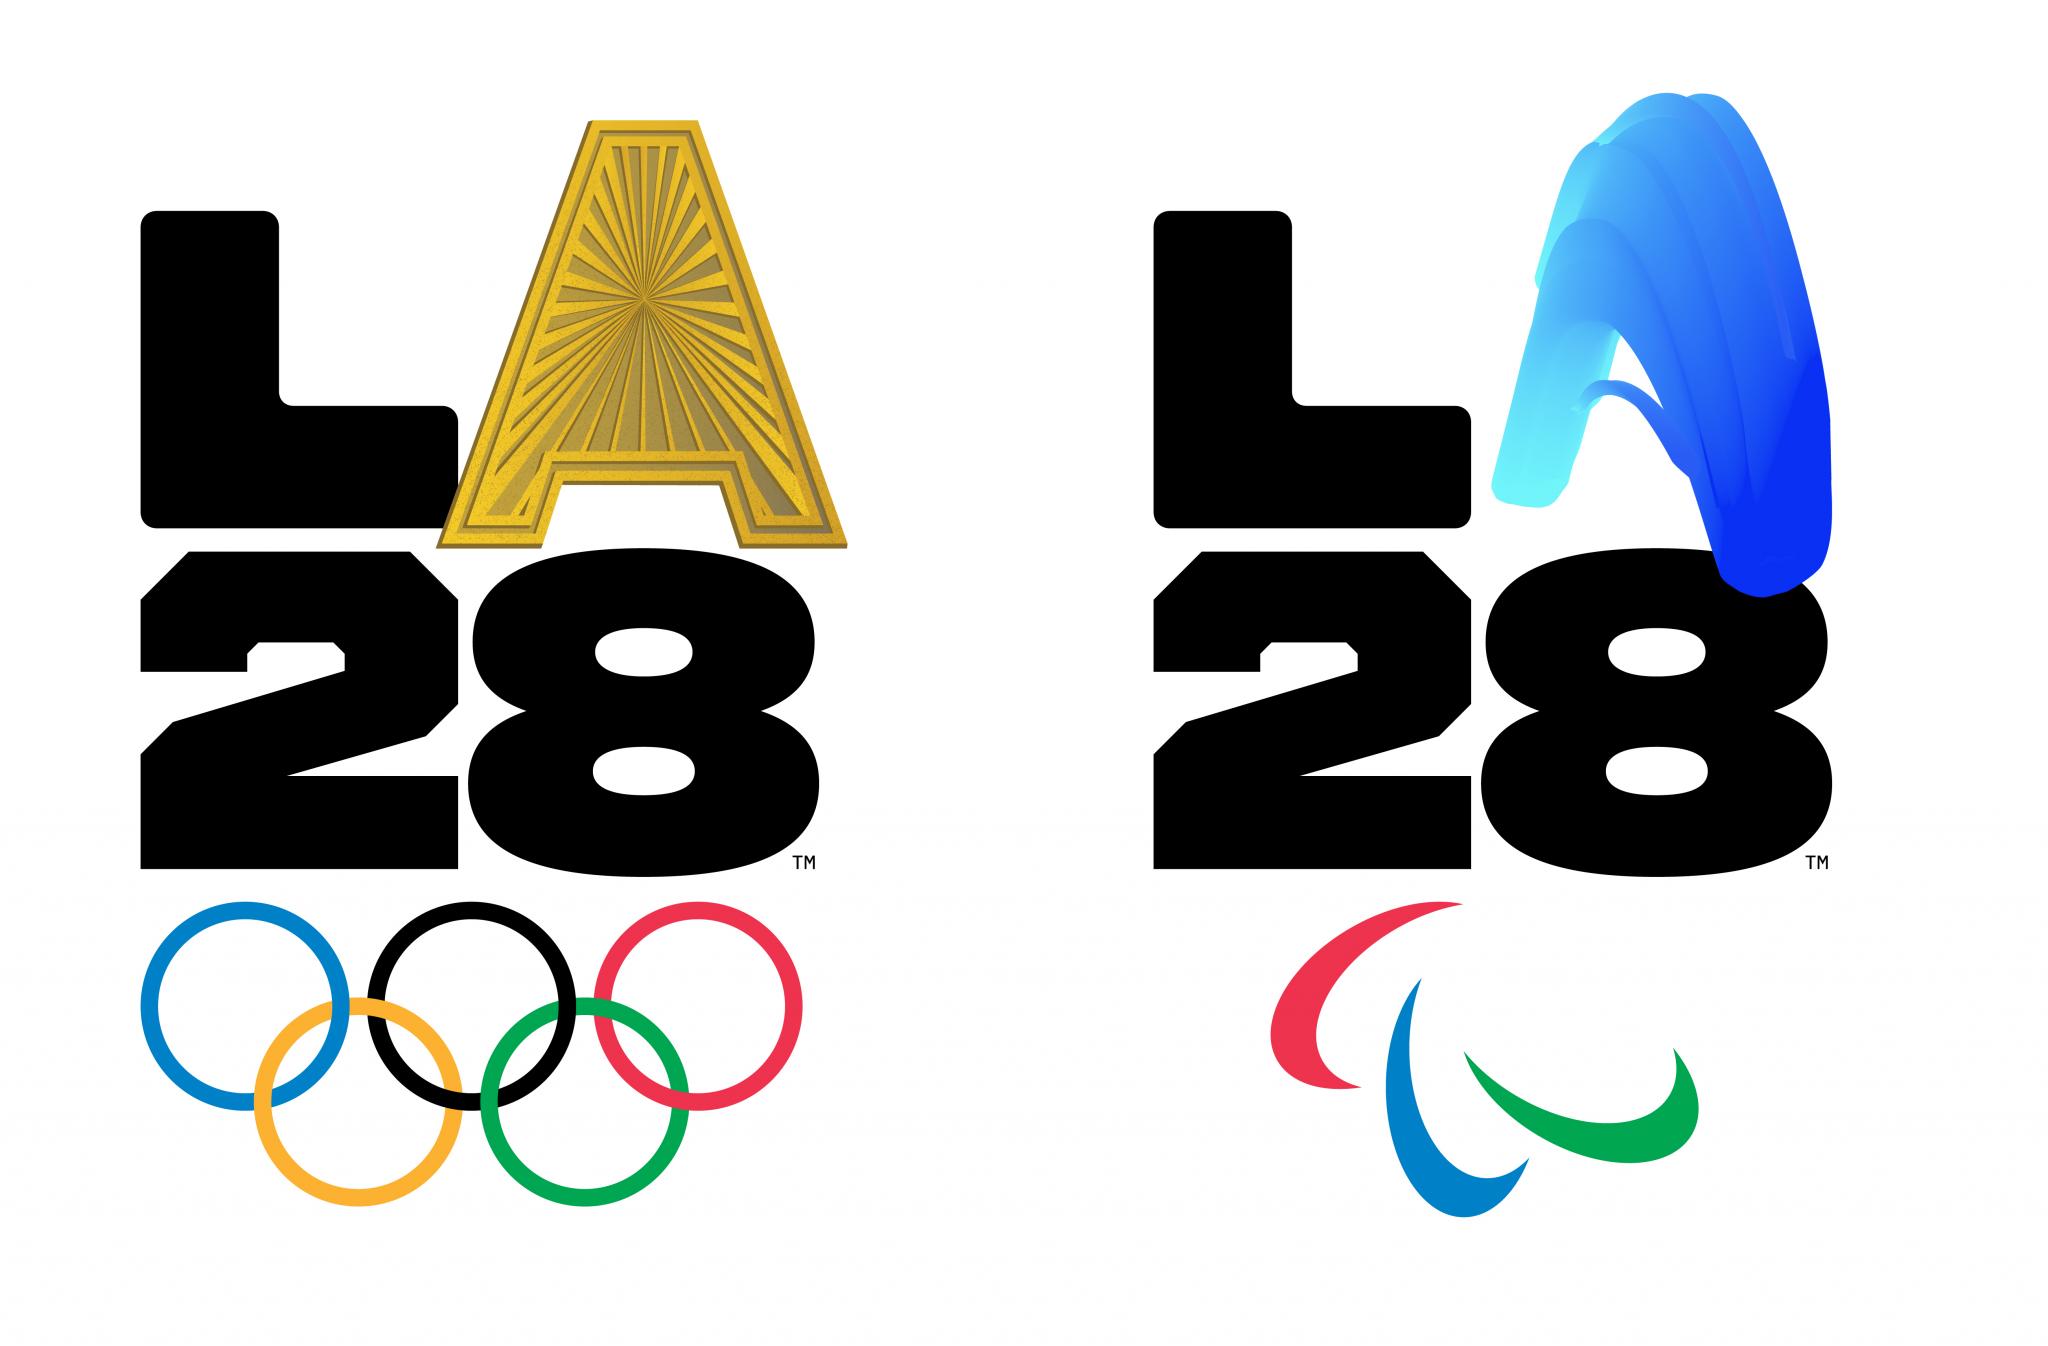 El progreso de Los Ángeles 2028 fue elogiado por la Comisión de Coordinación del COI